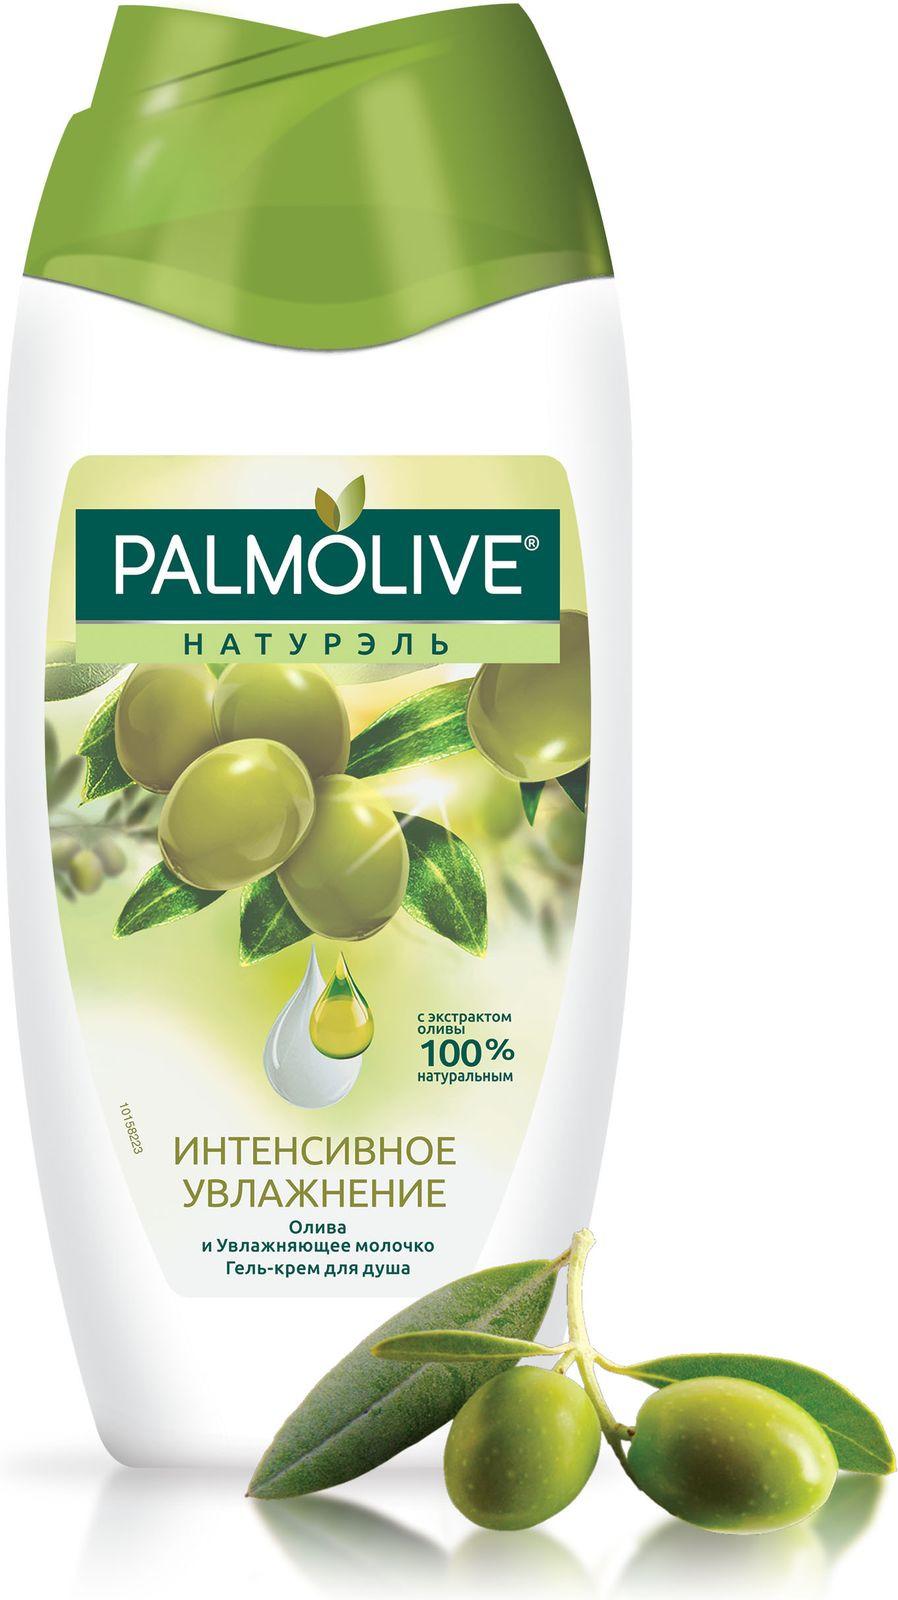 Palmolive Гель-крем для душа Натурэль Интенсивное увлажнение, олива и увлажняющее молочко, 250 мл palmolive гель крем для душа натурэль роскошная мягкость черная орхидея и увлажняющее молочко 750 мл